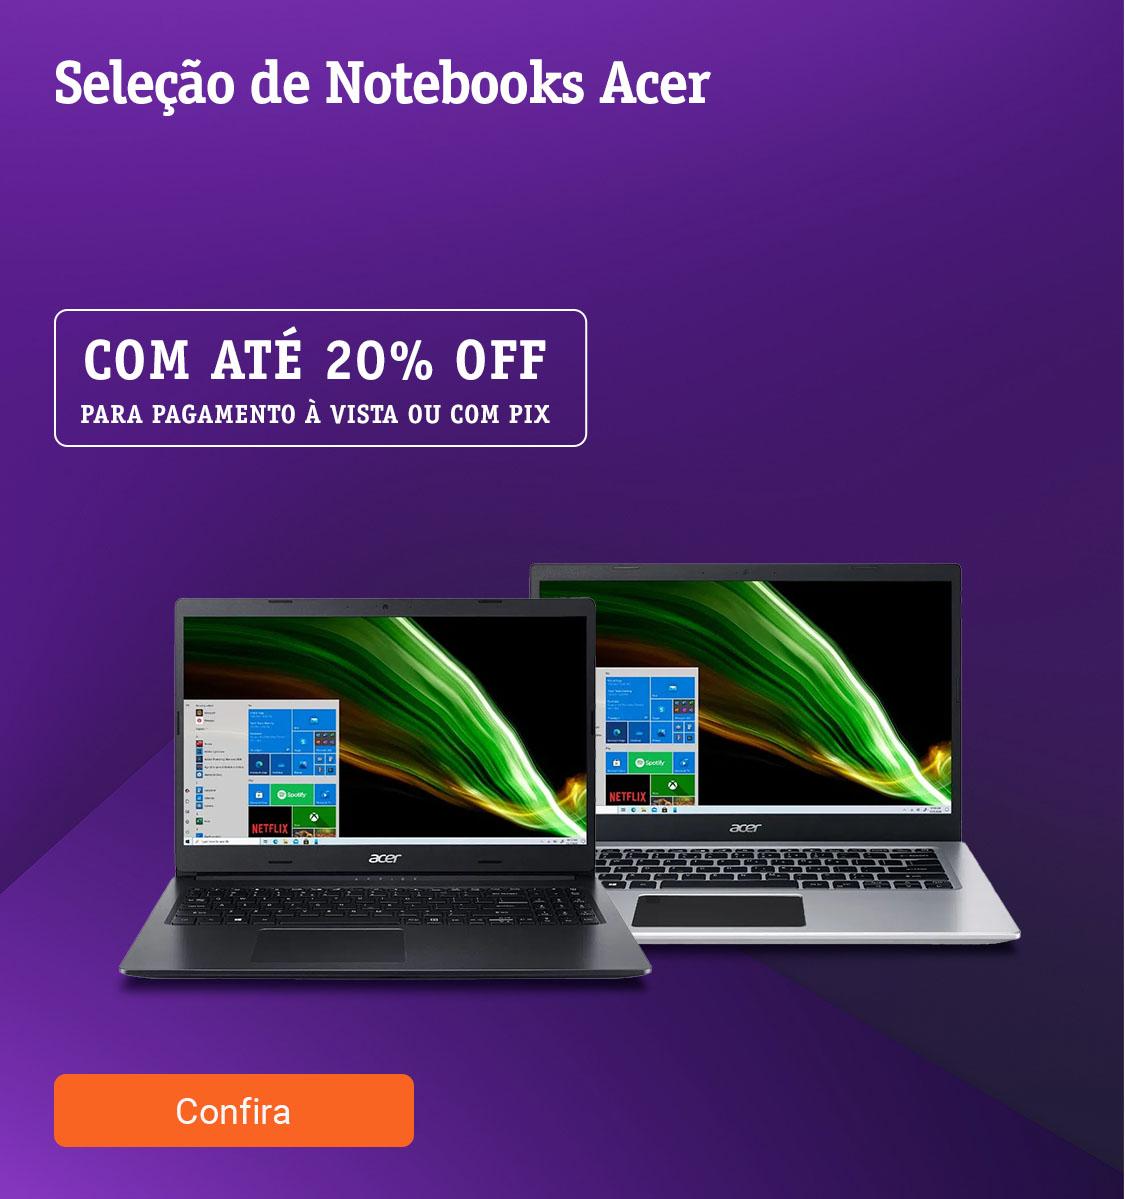 Seleção de Notebooks Acer  com até 20off